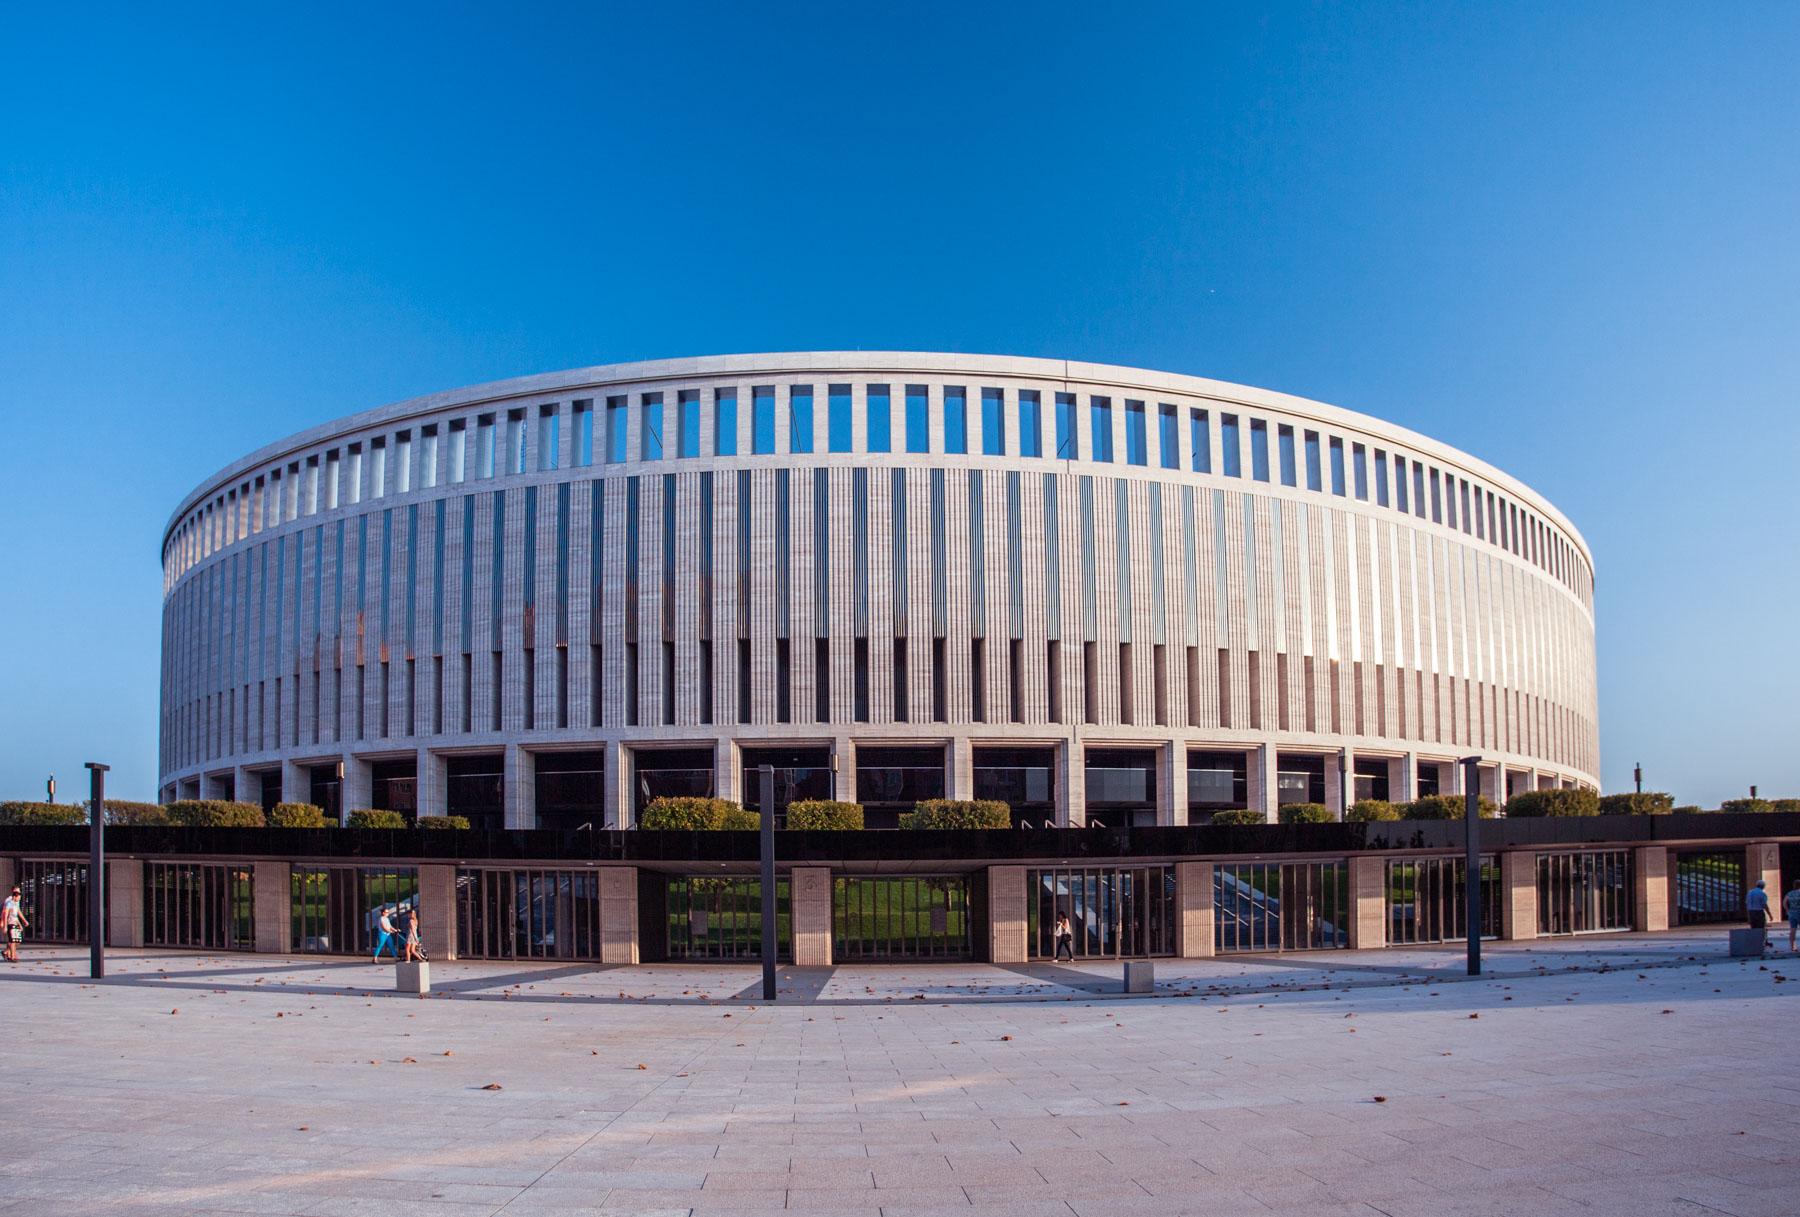 Цены на памятники краснодар и его новый стадион надгробные плиты фото к 701 новый